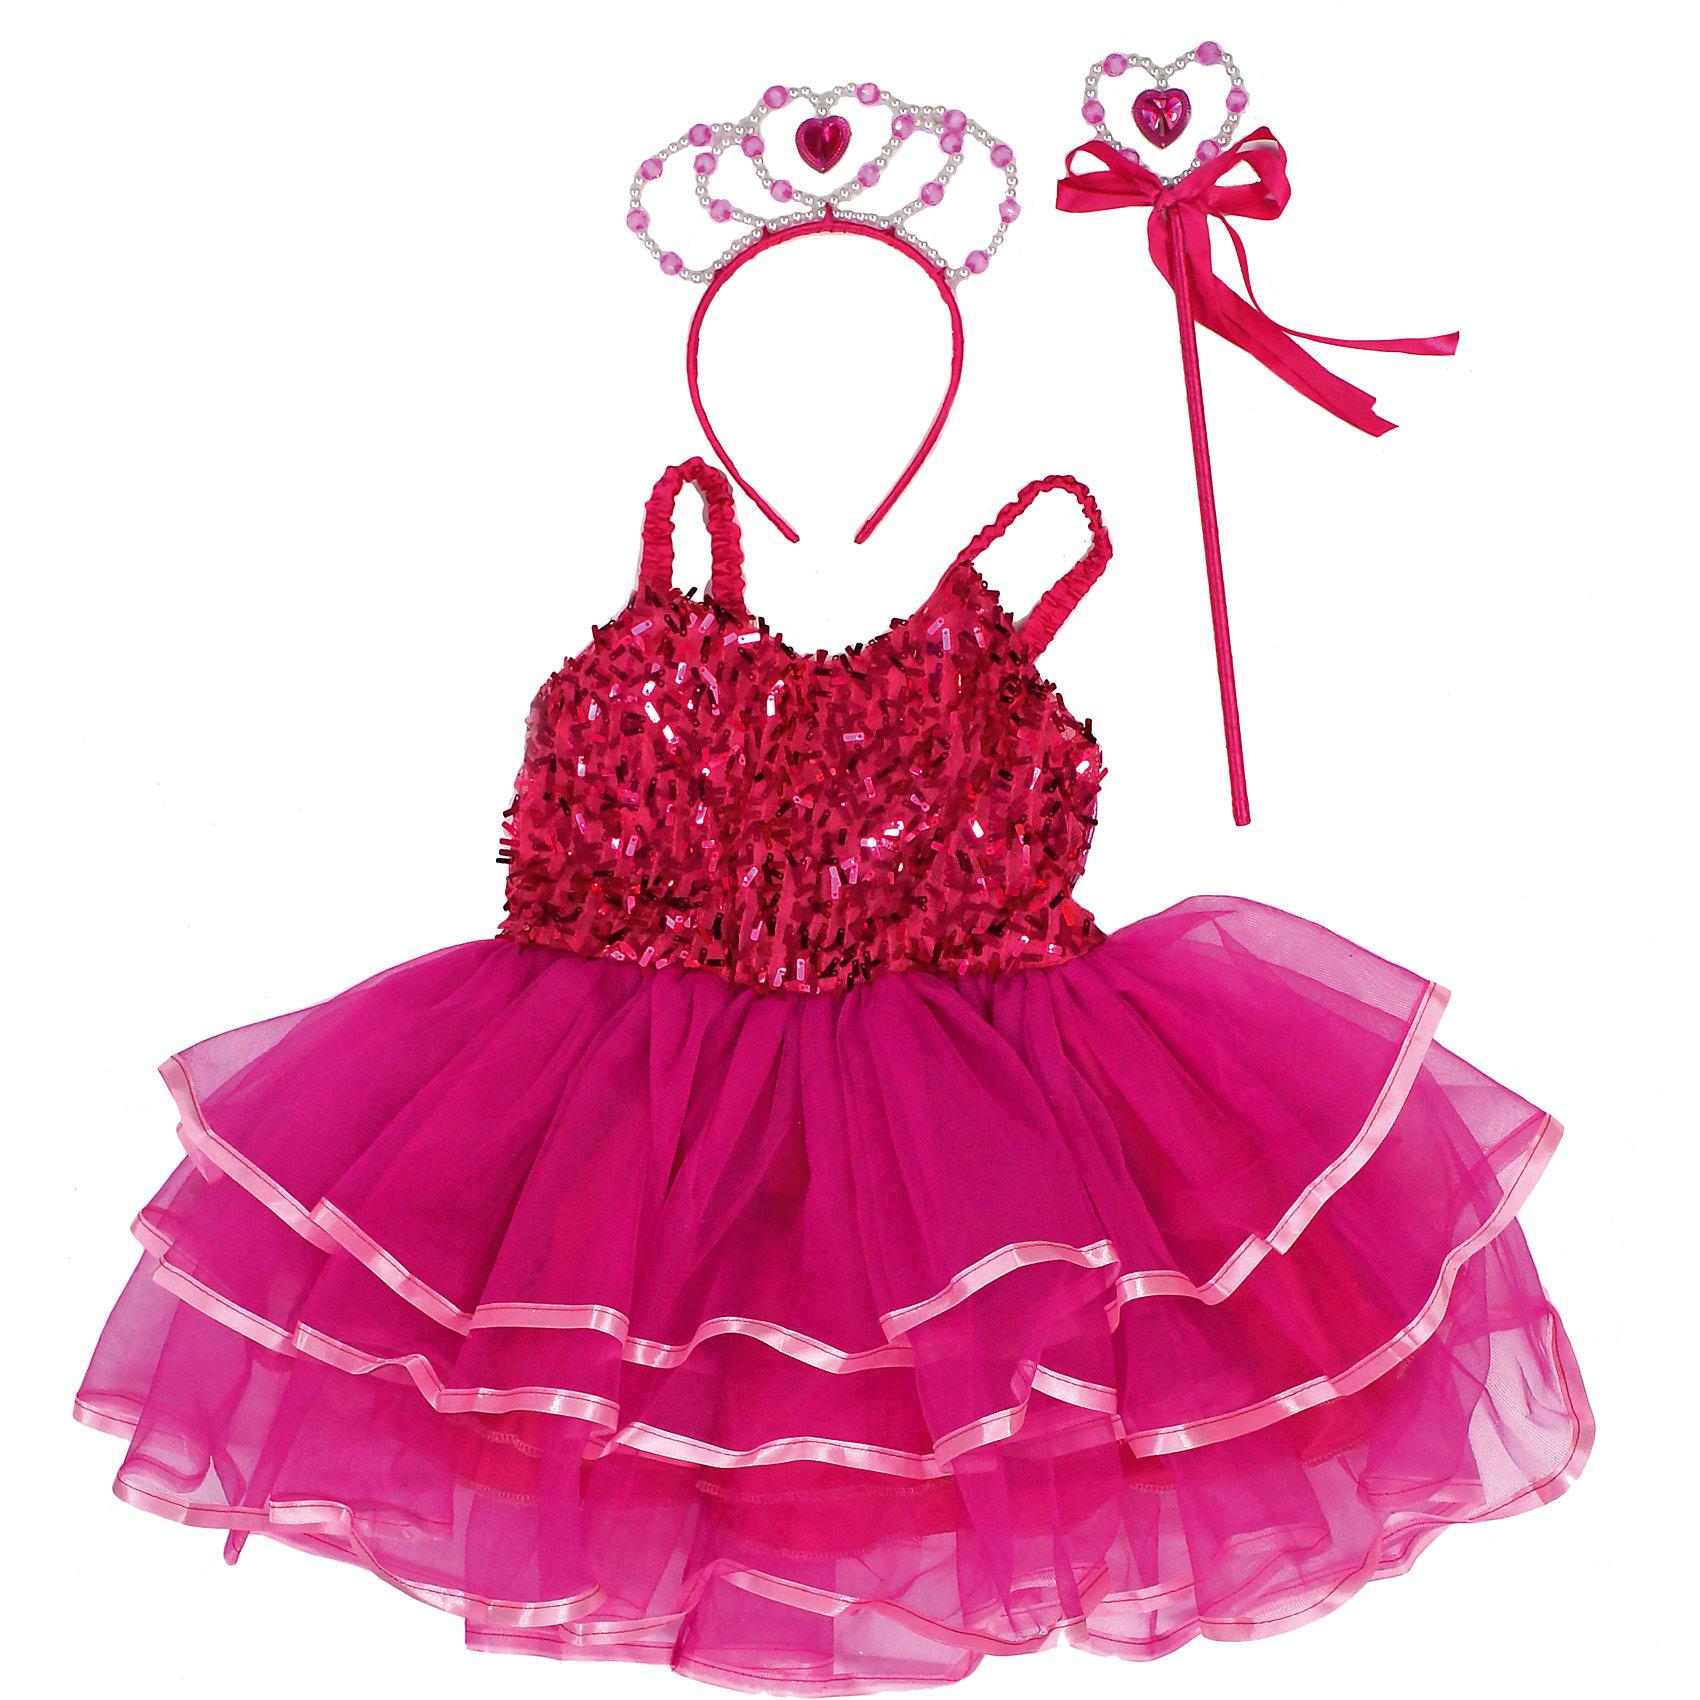 Костюм Дюймовочка, Новогодняя сказкаКарнавальные костюмы и аксессуары<br>Характеристики товара:<br><br>• цвет: розовый<br>• комплектация: платье, ободок, волшебная палочка<br>• материал: текстиль, пластик<br>• для праздников и постановок<br>• упаковка: пакет<br>• длина платья: 50 см<br>• возраст: от 3 лет<br>• страна бренда: Российская Федерация<br>• страна изготовитель: Российская Федерация<br><br>Новогодние праздники - отличная возможность перевоплотиться в кого угодно, надев маскарадный костюм. Этот набор позволит ребенку мгновенно превратиться в Дюймовочку!<br>Он состоит из нескольких предметов, которые подойдут дошкольникам. Изделия удобно сидят и позволяют ребенку наслаждаться праздником или принимать участие в постановке. Модель хорошо проработана, сшита из качественных и проверенных материалов, которые безопасны для детей.<br><br>Костюм Дюймовочка от бренда Новогодняя сказка можно купить в нашем интернет-магазине.<br><br>Ширина мм: 380<br>Глубина мм: 600<br>Высота мм: 20<br>Вес г: 220<br>Возраст от месяцев: 36<br>Возраст до месяцев: 96<br>Пол: Женский<br>Возраст: Детский<br>SKU: 5177222